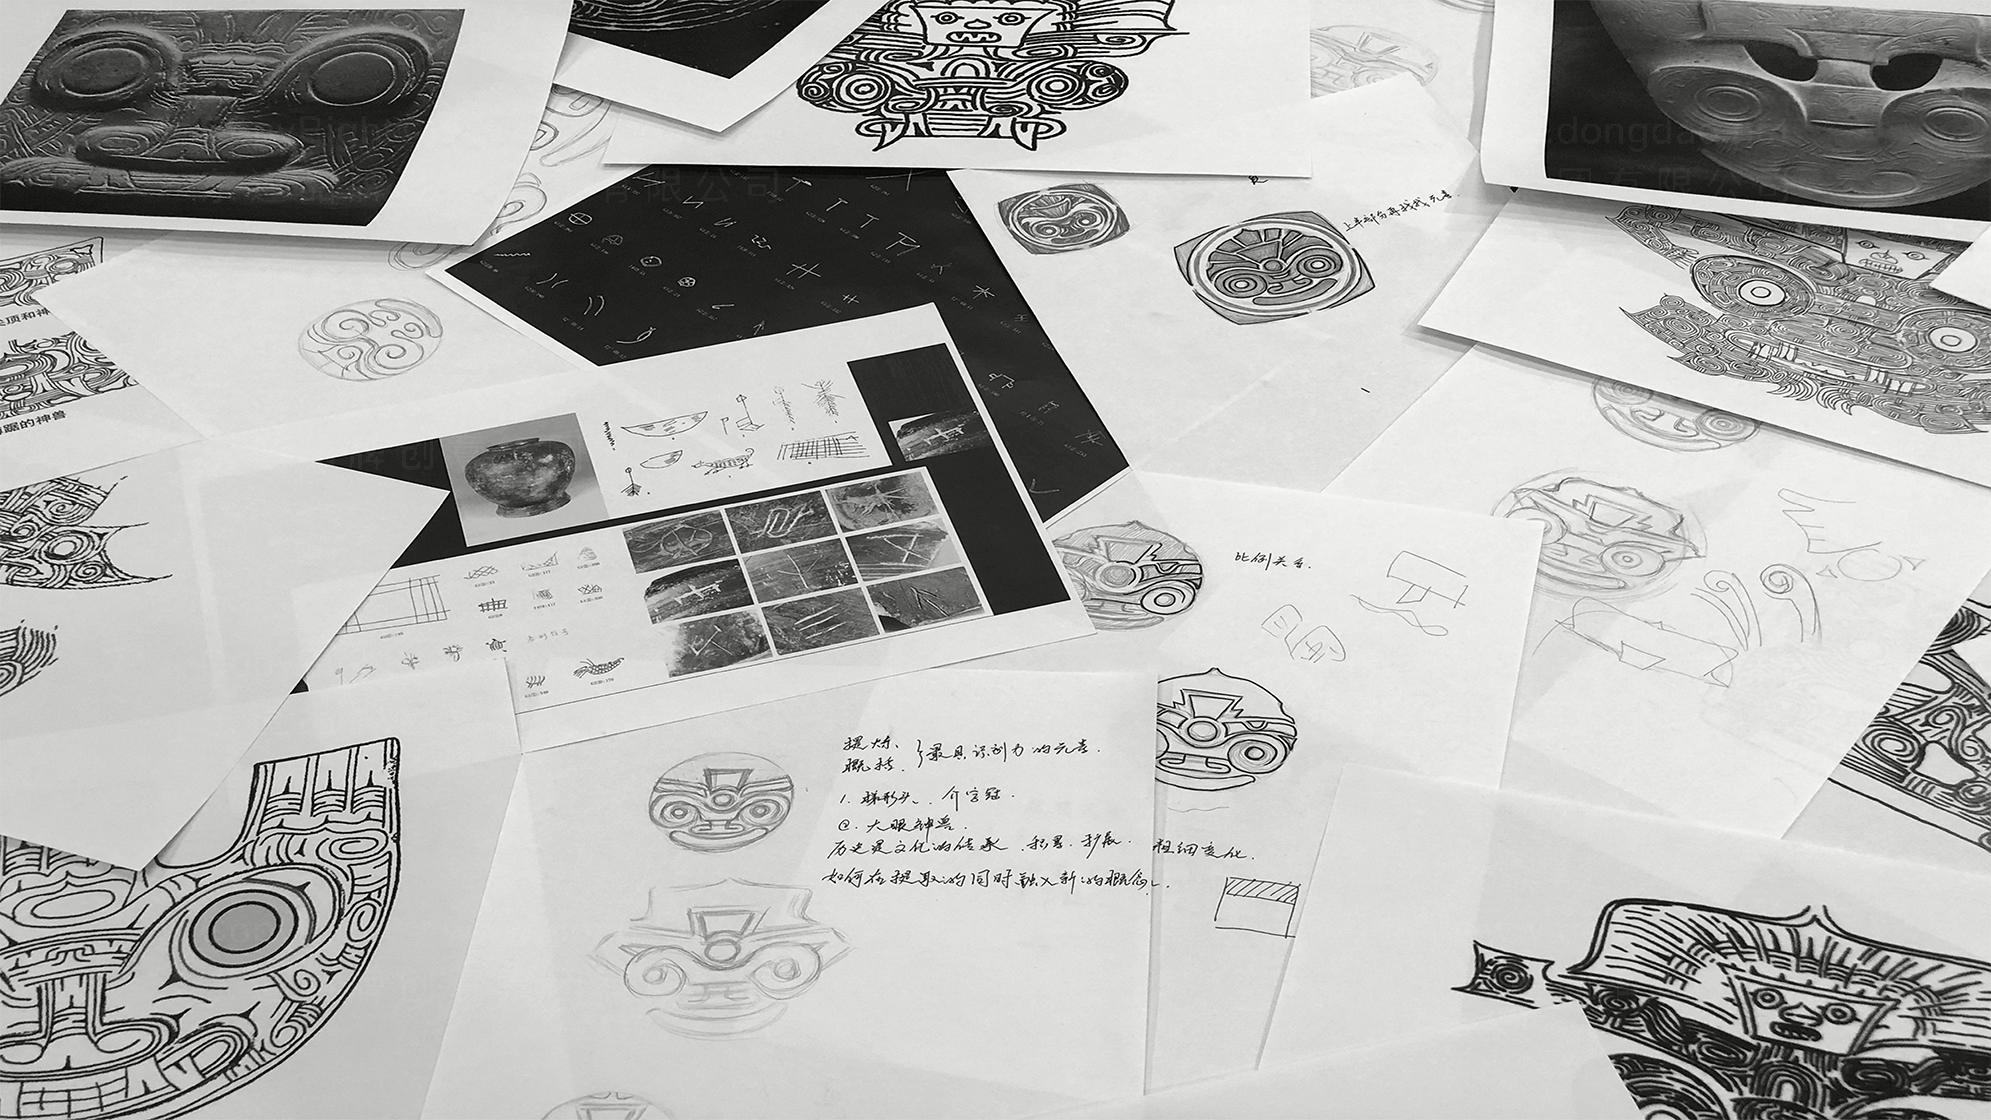 旅游生活东道文创良渚文化文化产品设计